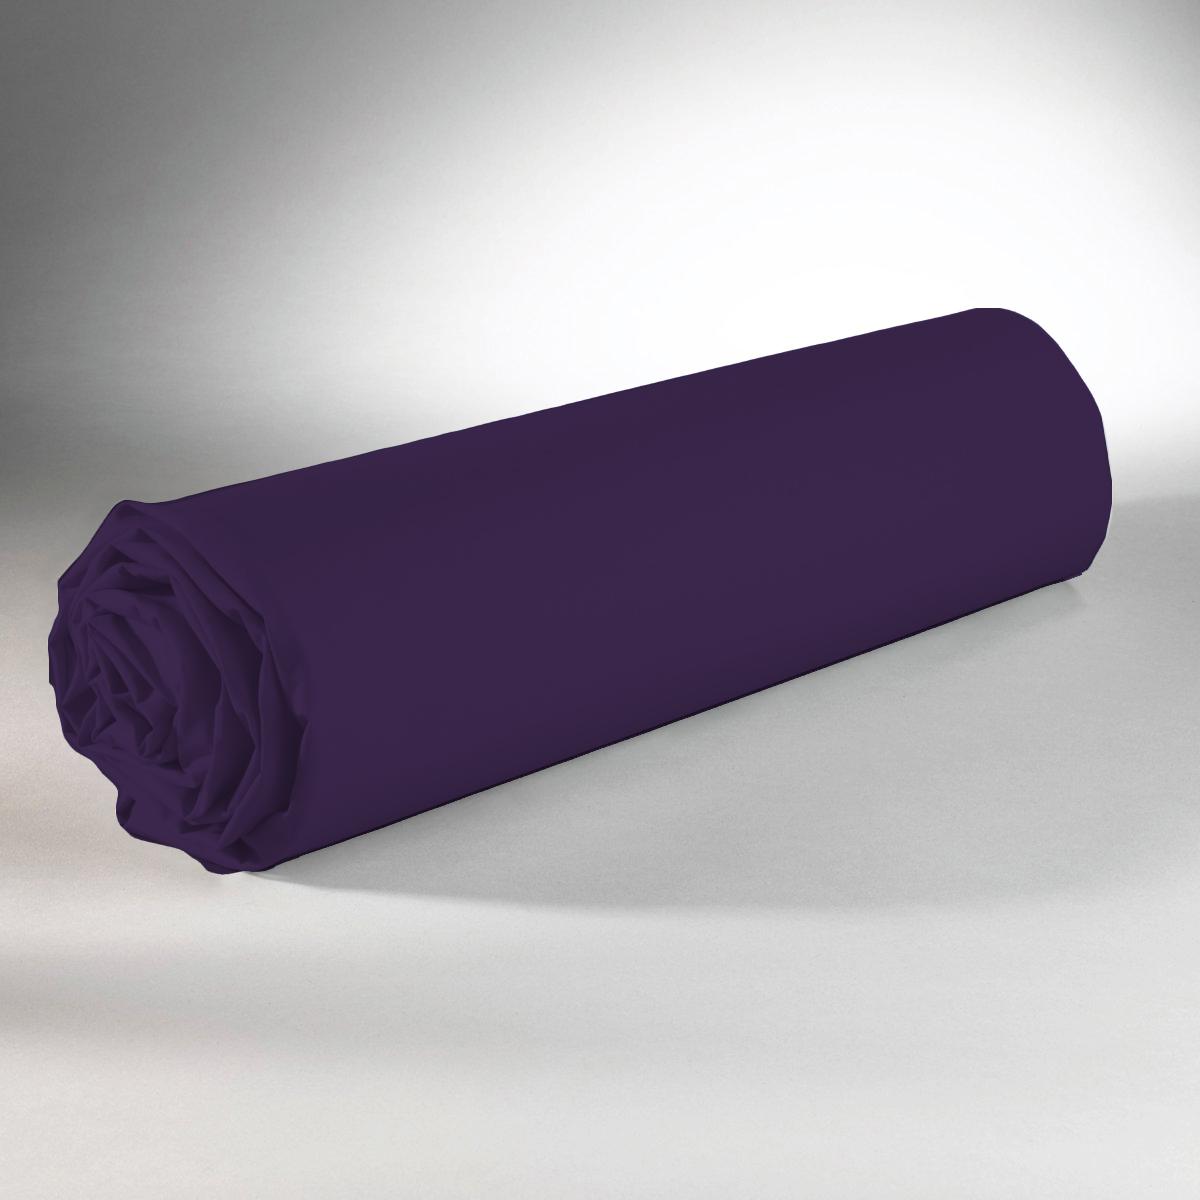 Drap housse 100% coton 180x200+25 violet